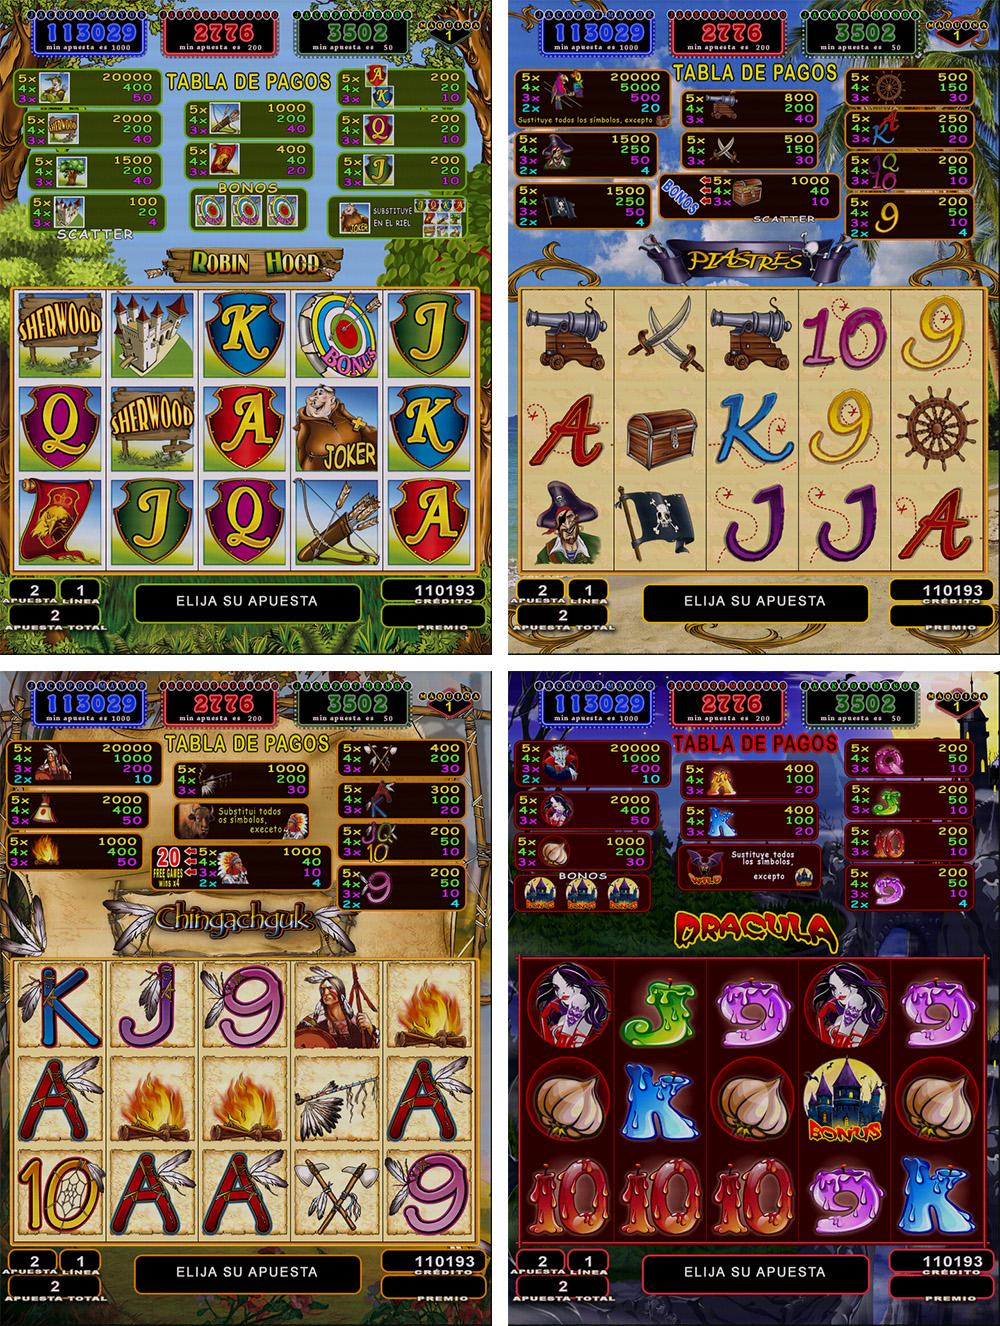 Синяя 30 казино игра Pcb красный слот игровая доска для азартных игр машина Джек-пот игровой автомат